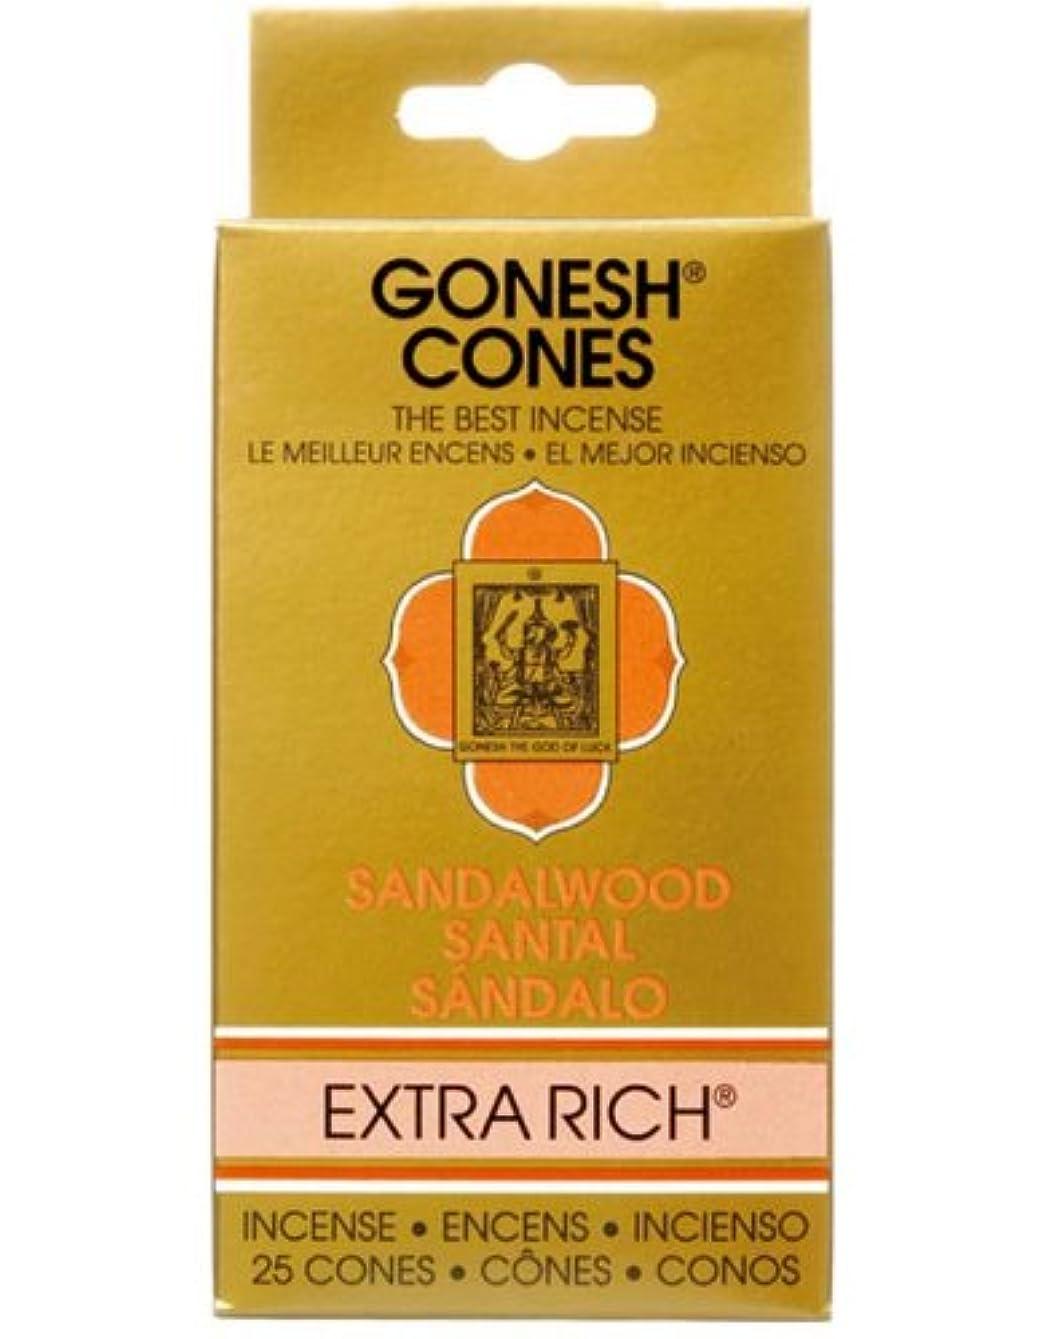 取るに足らない定期的なわずかなガーネッシュ(GONESH) エクストラリッチ インセンス コーン サンダルウッド(白檀) 25個入(お香)